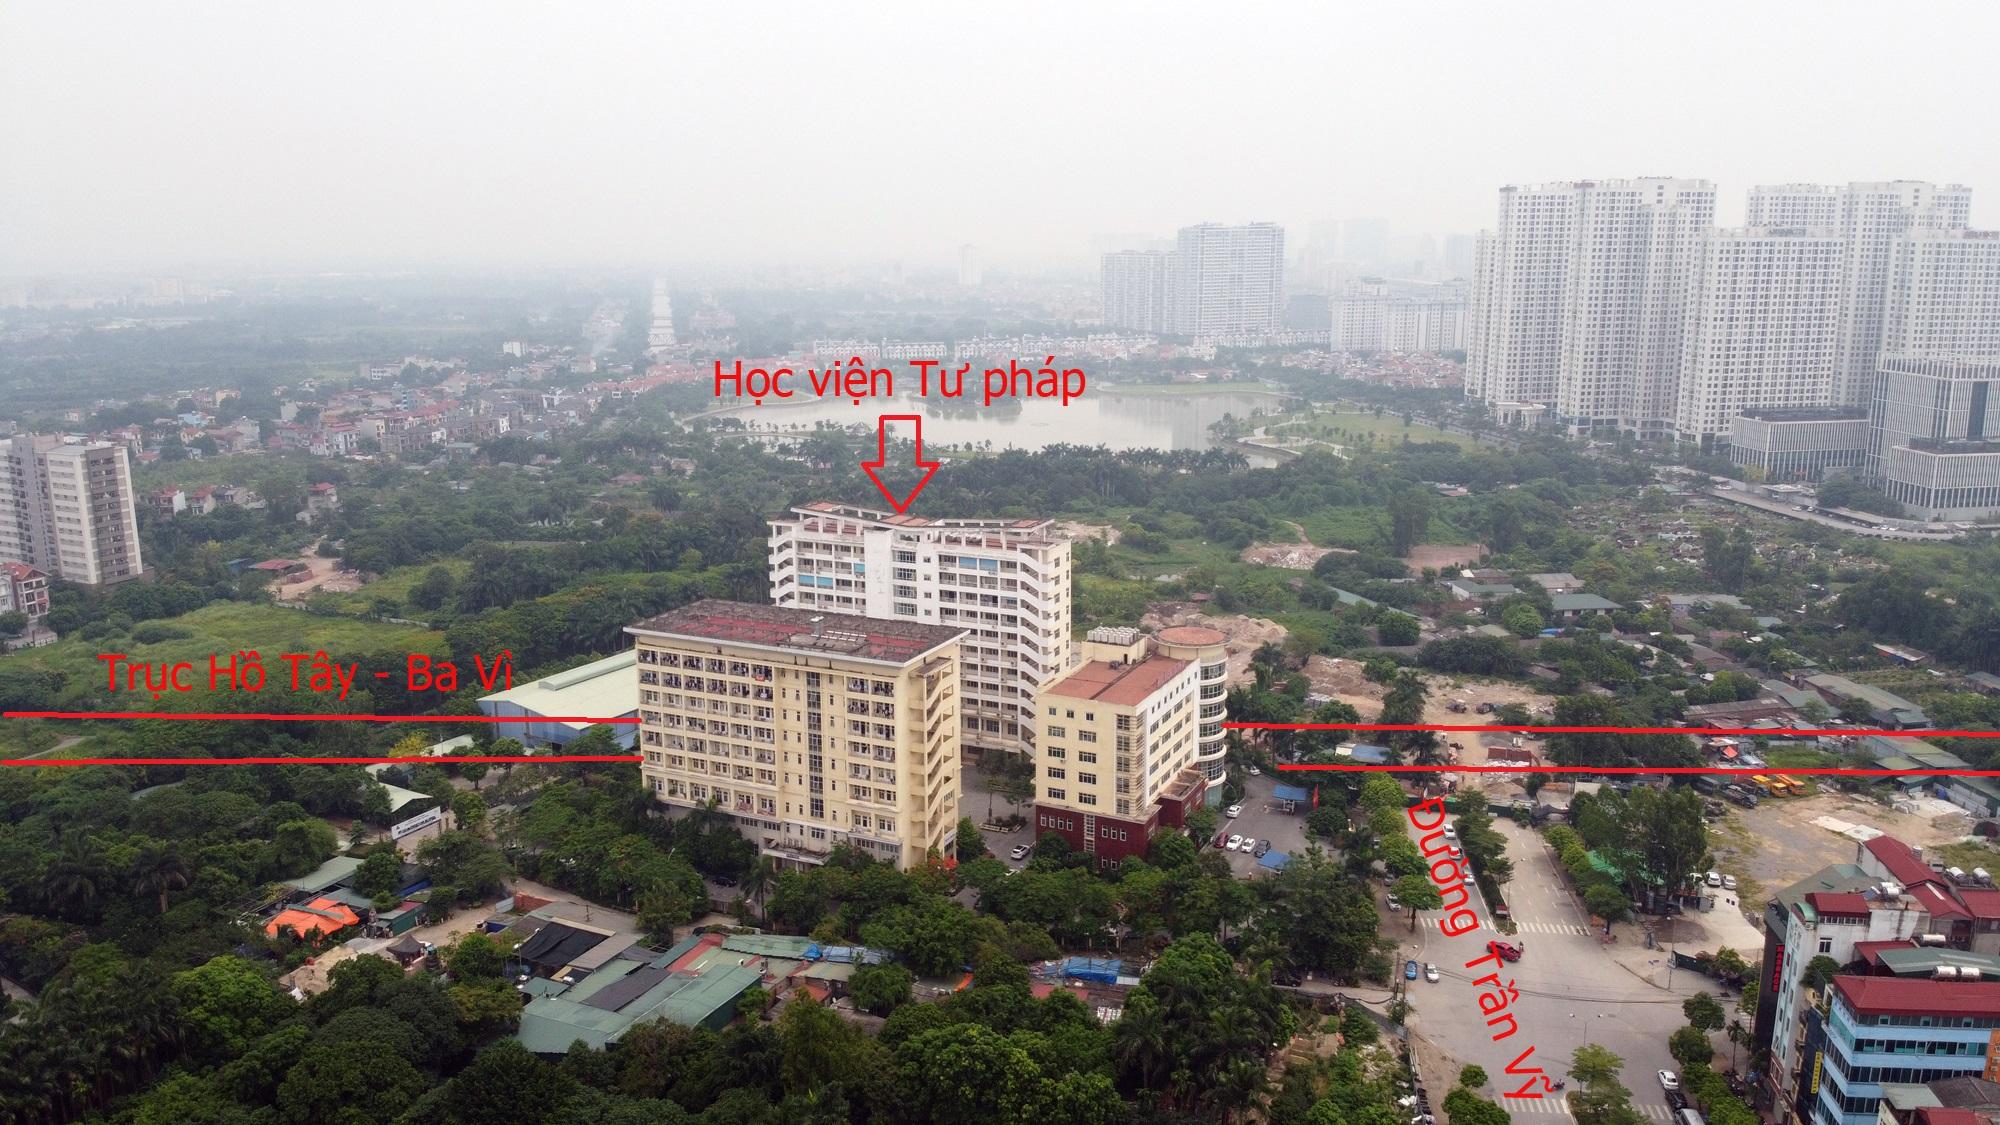 Đường sẽ mở theo qui hoạch ở Hà Nội: Toàn cảnh trục Hồ Tây - Ba Vì đến Vành đai 4 - Ảnh 12.